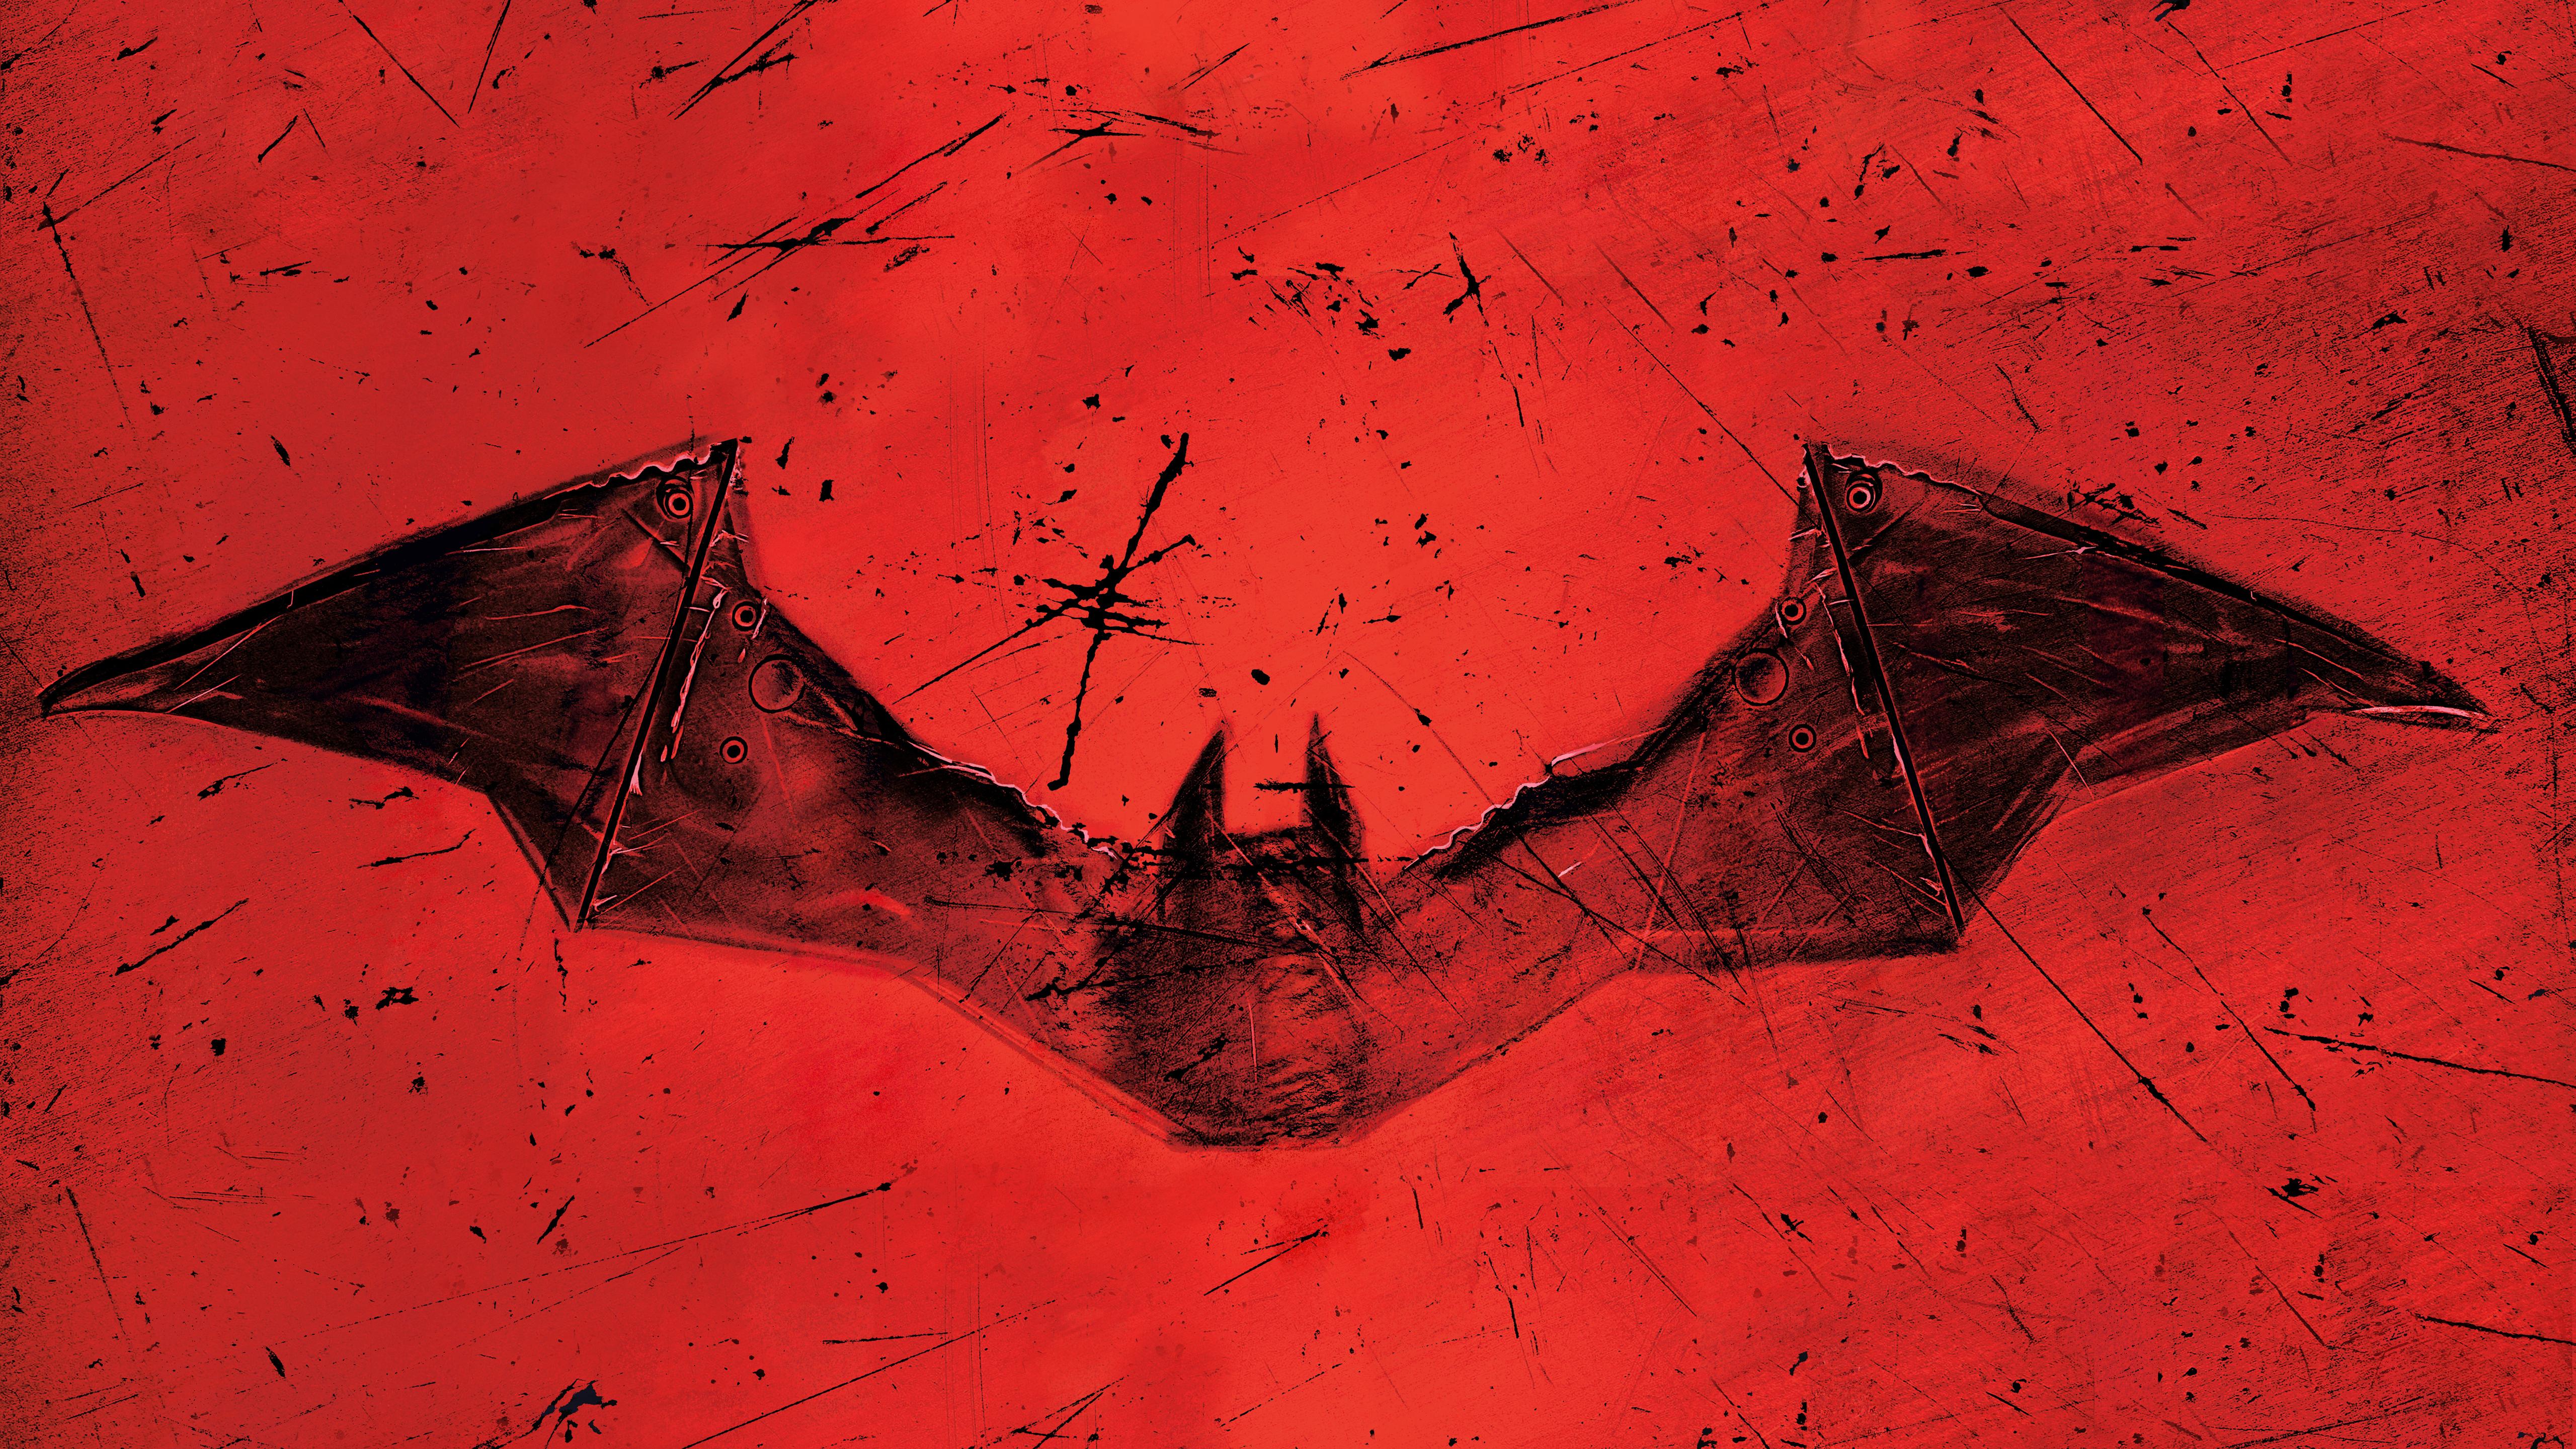 the-batman-2021-red-logo-8k-ok.jpg